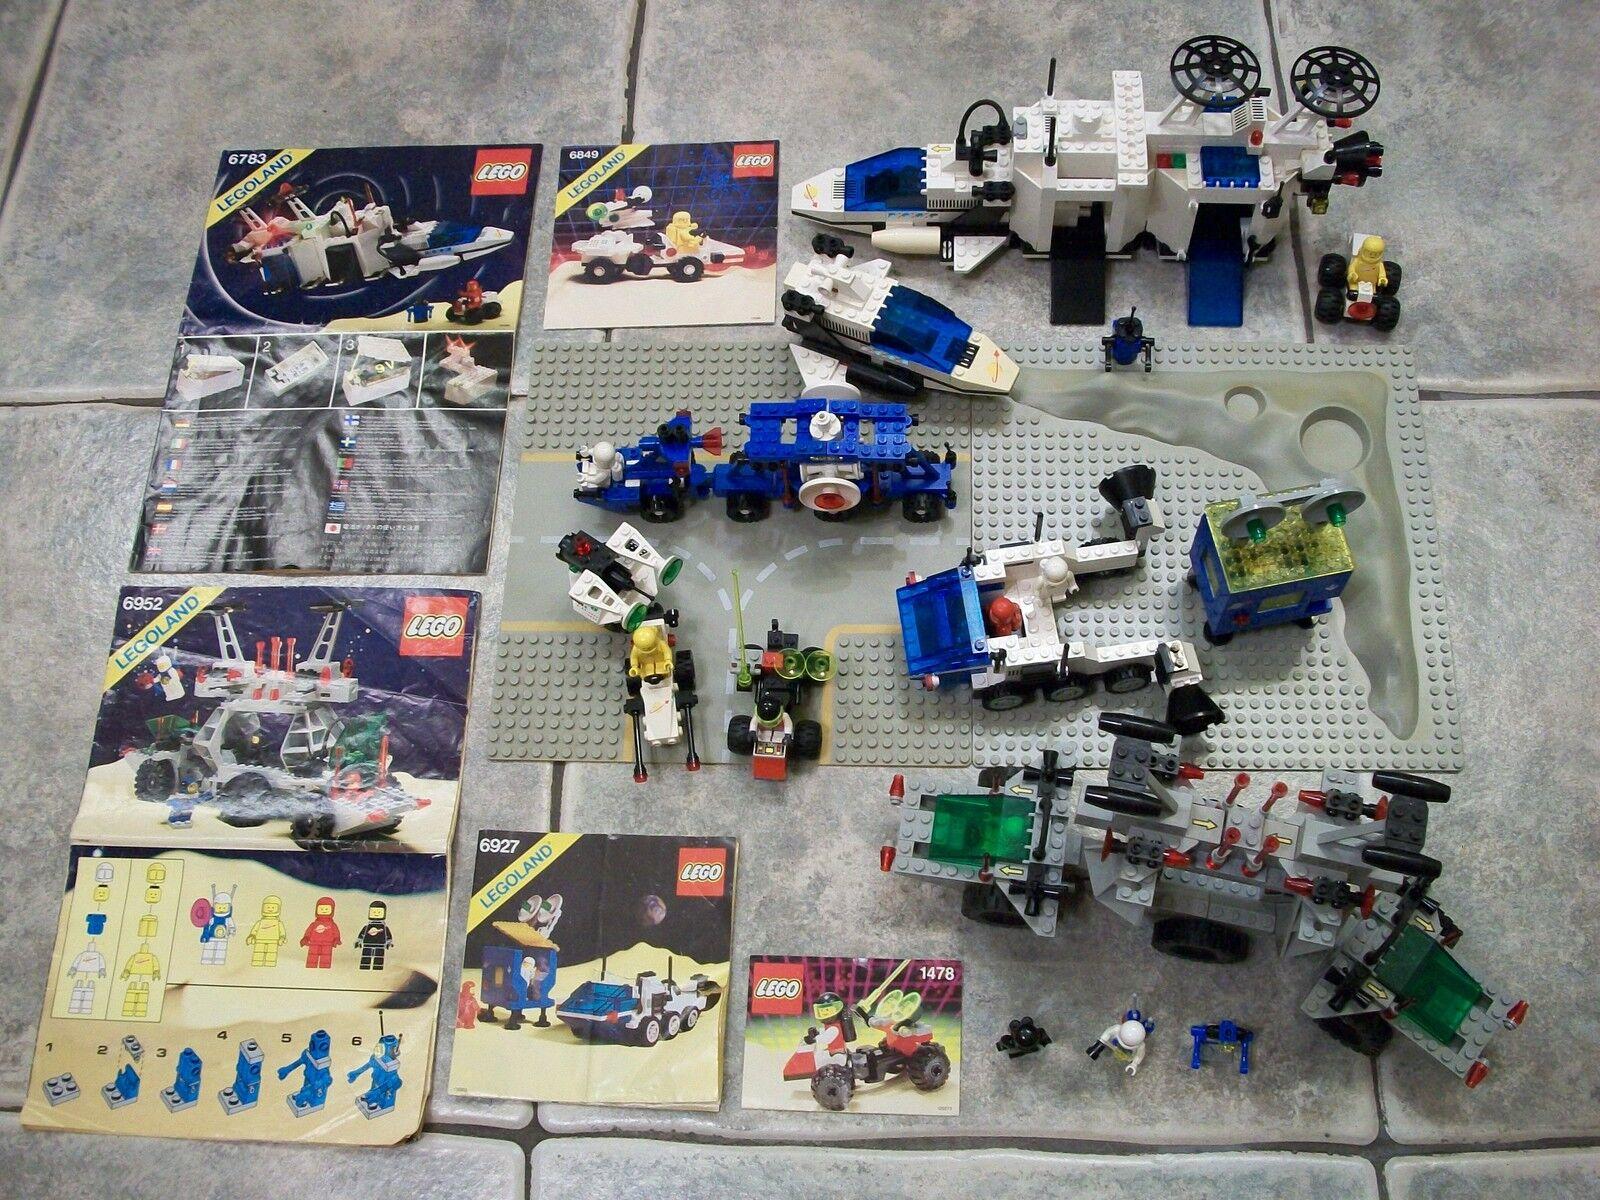 Antiguo Lote De Espacio De Lego 6952 energía solar transporter 6783 6927 6883 1478 6849 Fig